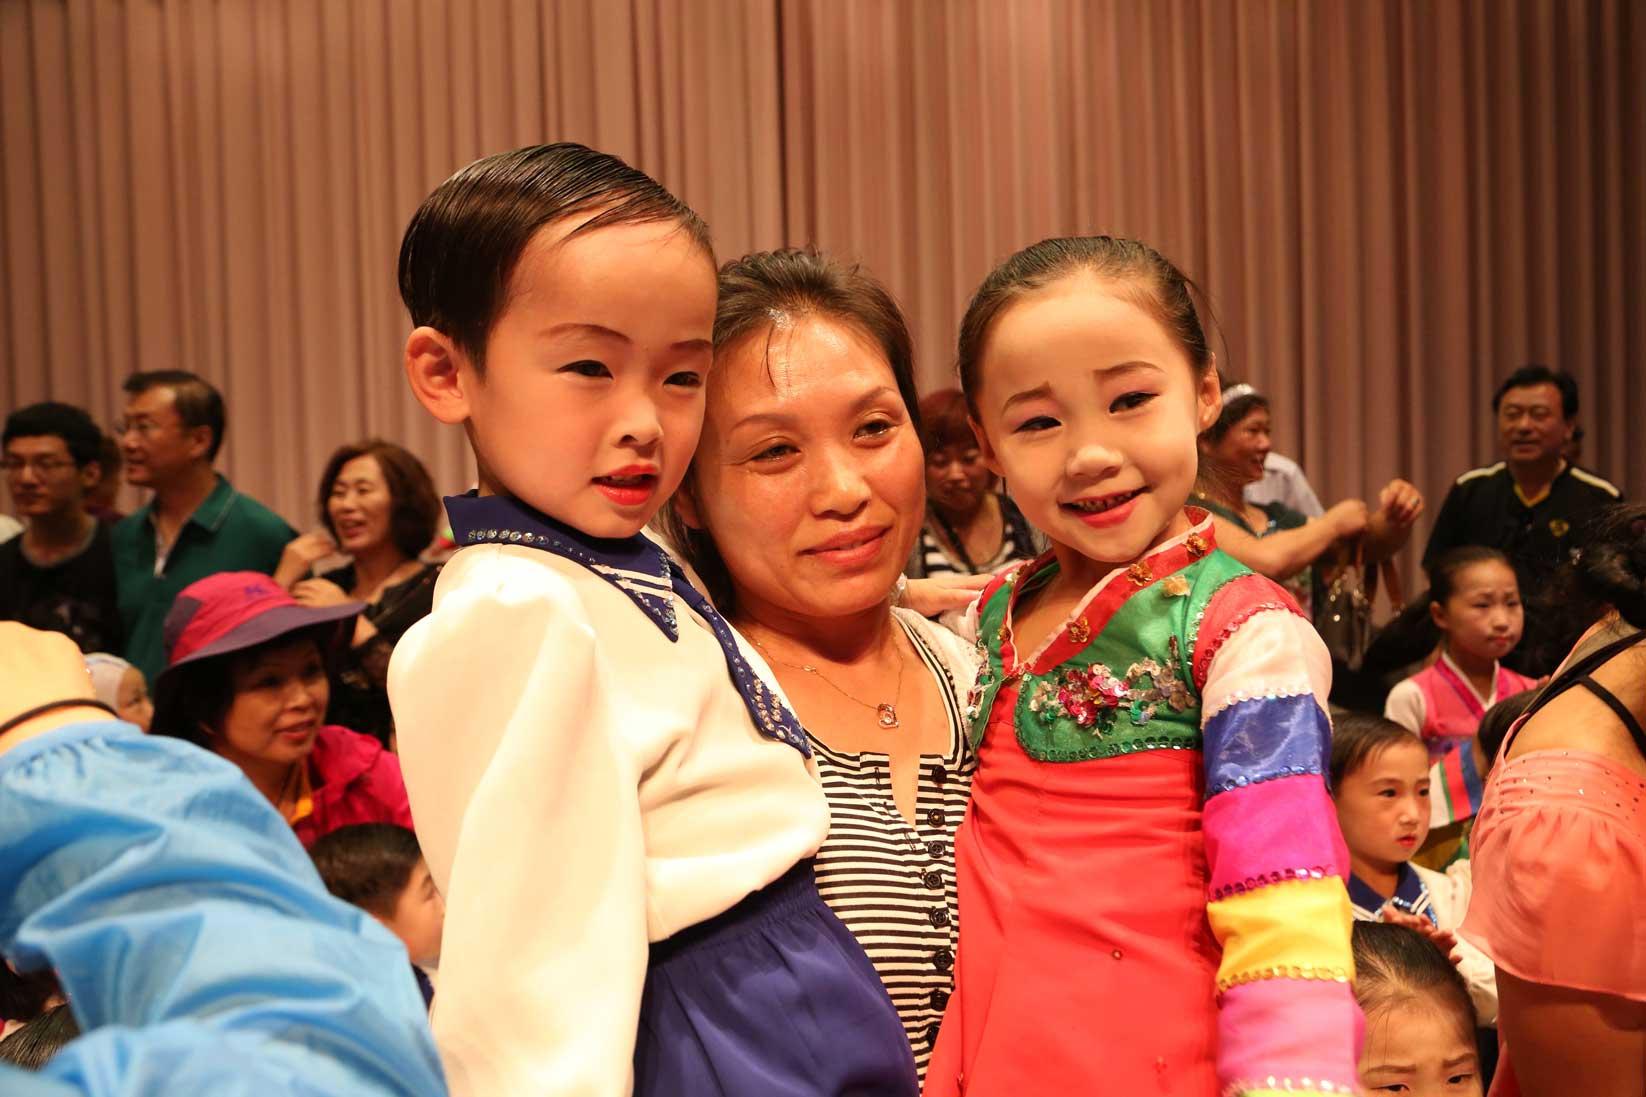 羅先(北朝鮮)で見かけた中国人観光客たち_b0235153_16421293.jpg